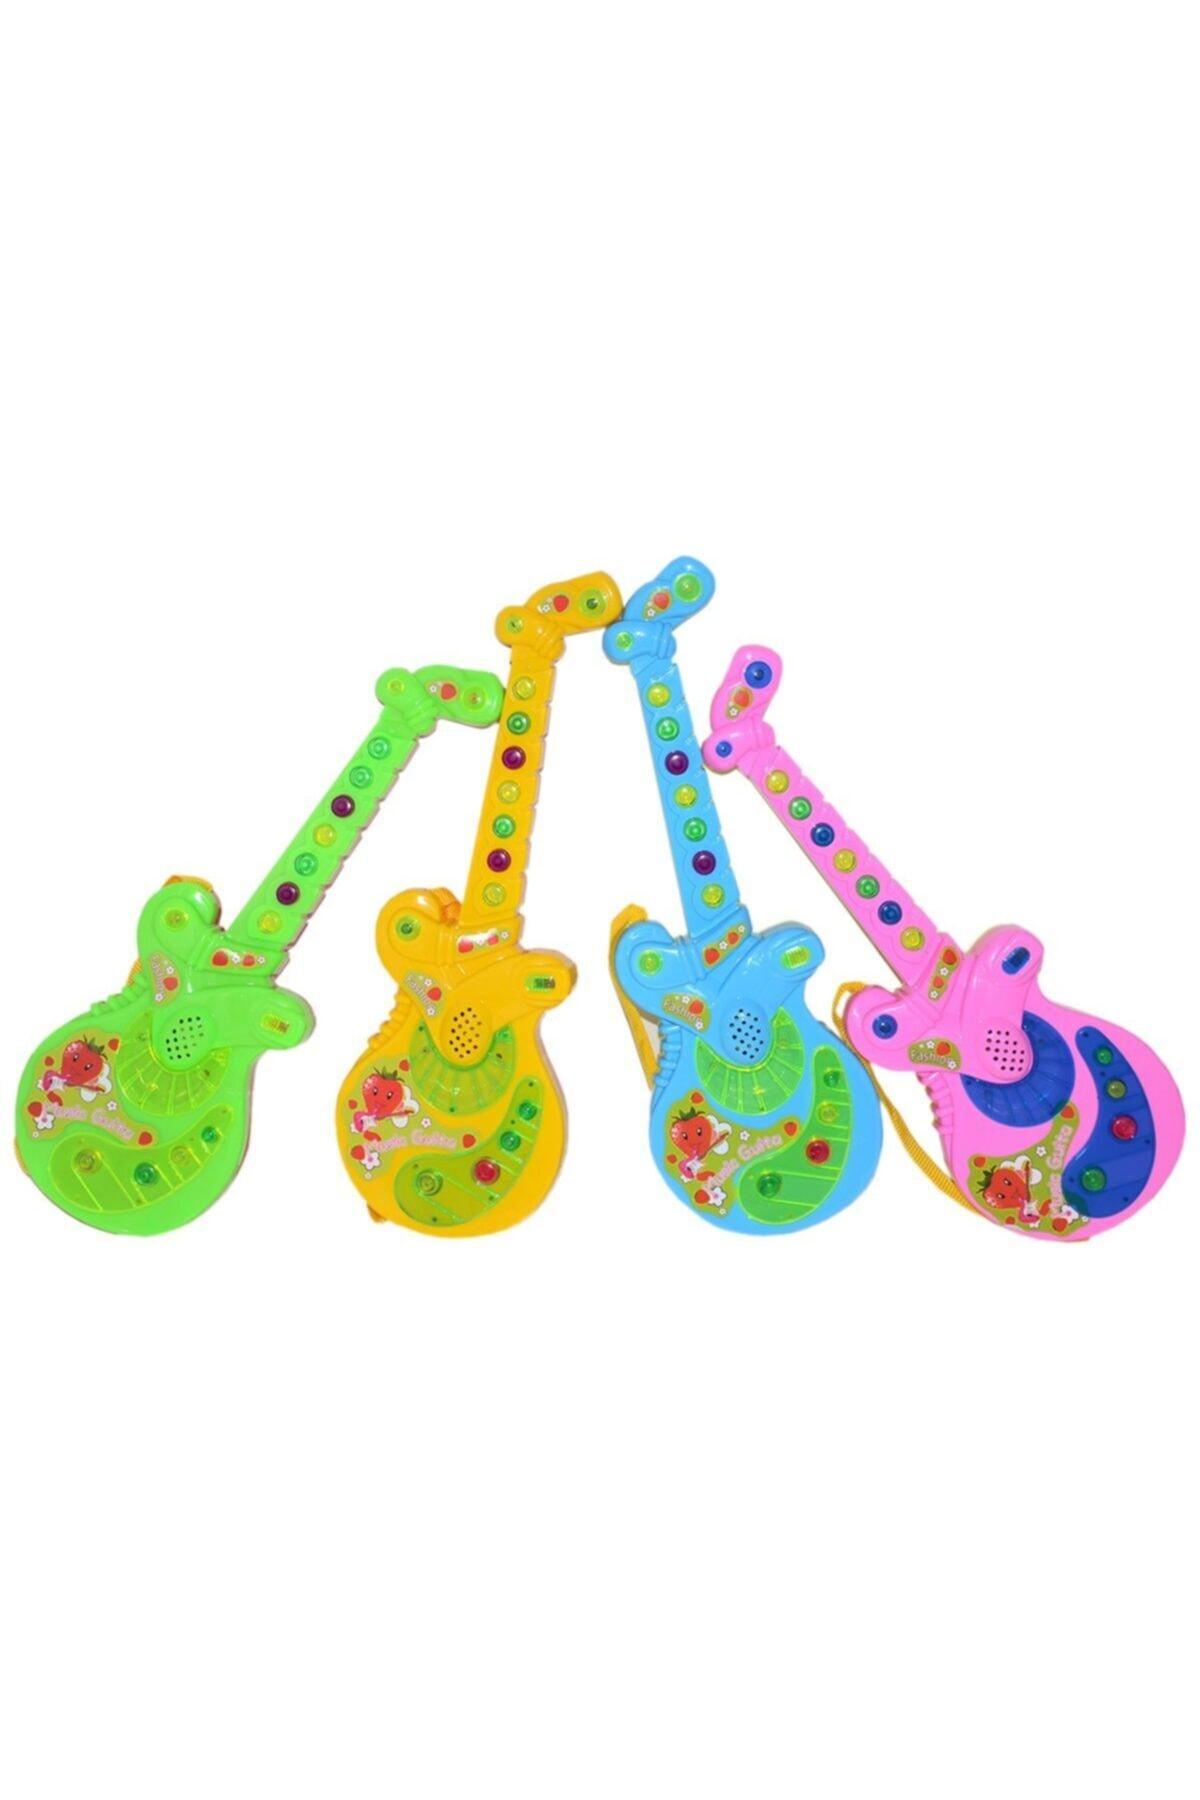 CAN OYUNCAK Hm718 Poşette Türkçe Gitar 1